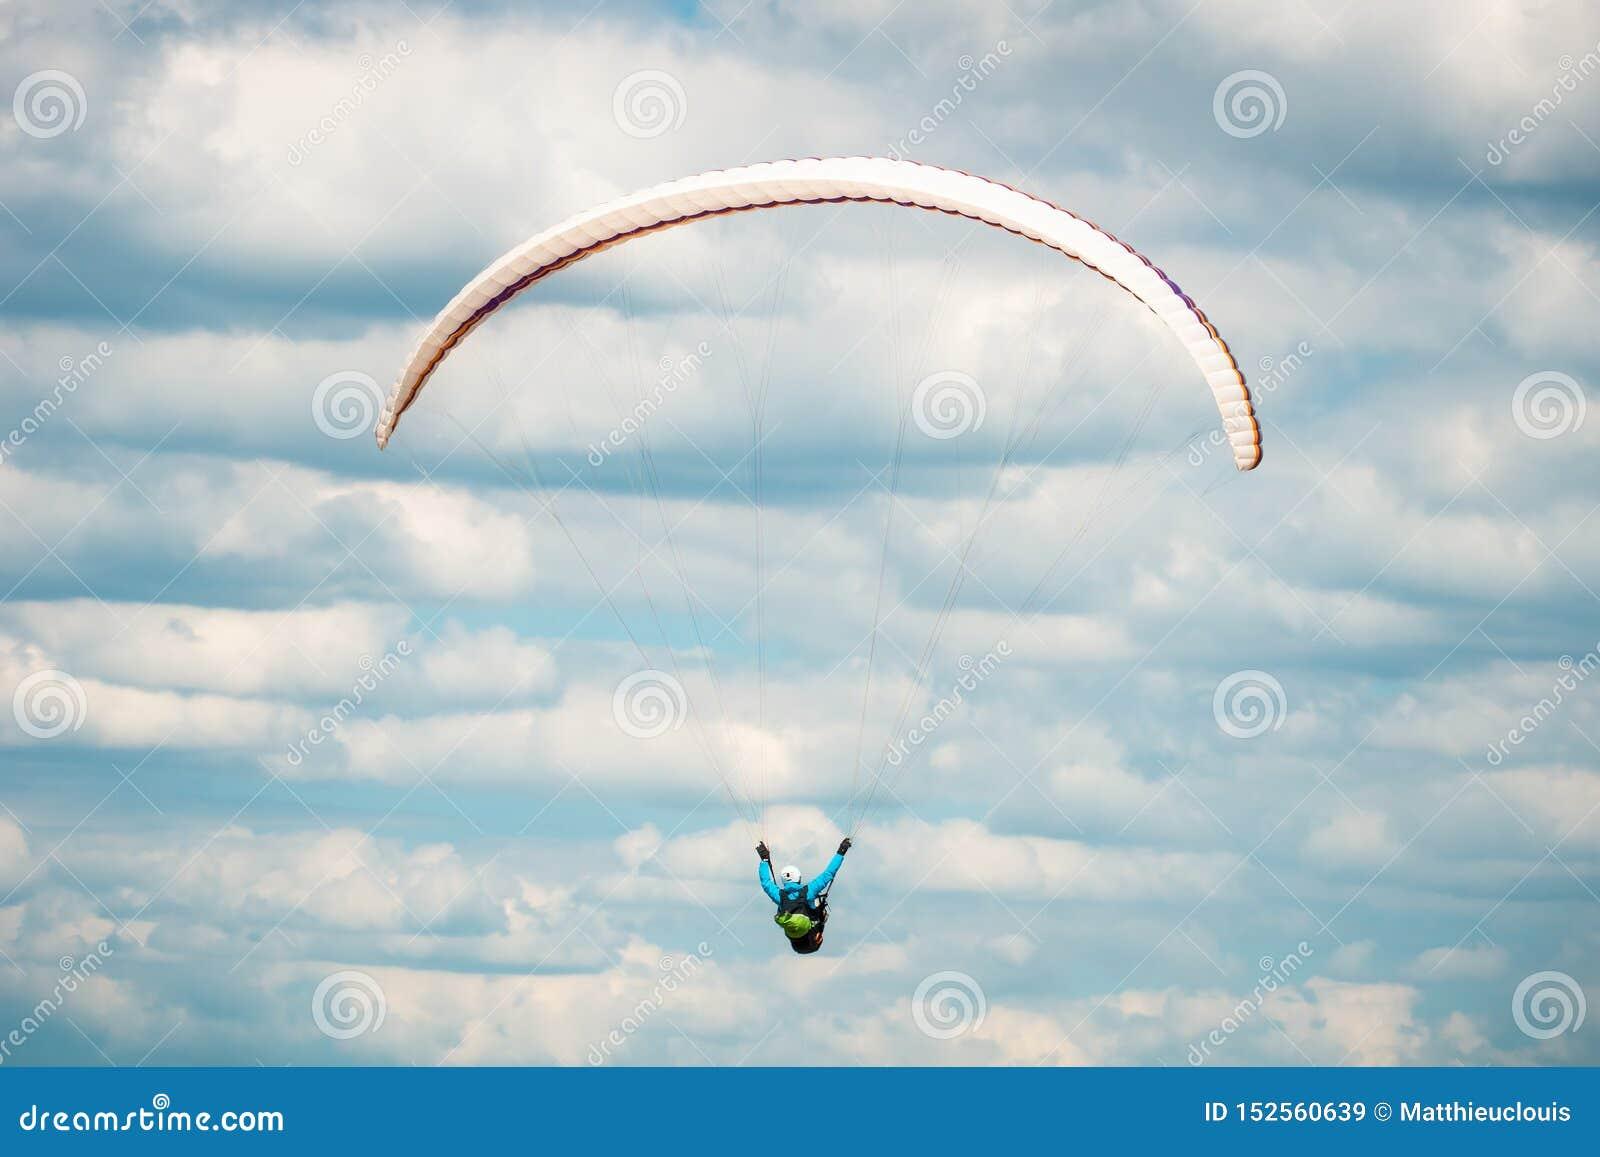 Задняя часть или вид сзади летания параплана